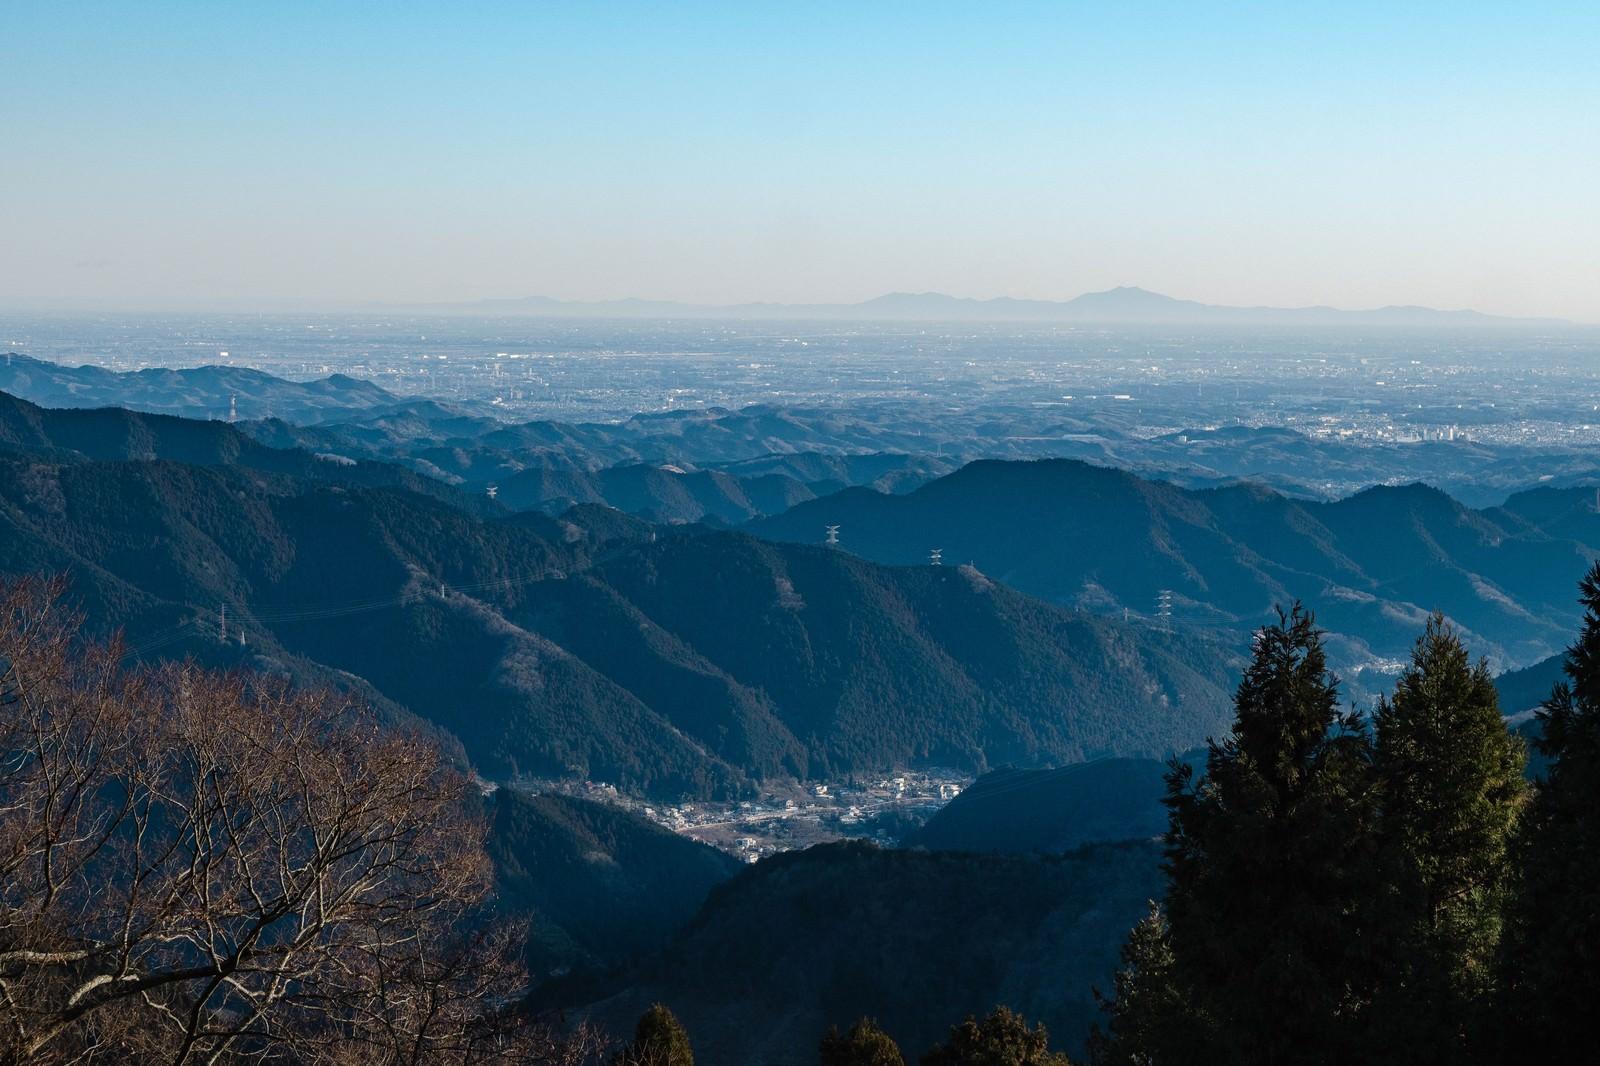 「御岳山(東京)から望む筑波山御岳山(東京)から望む筑波山」のフリー写真素材を拡大